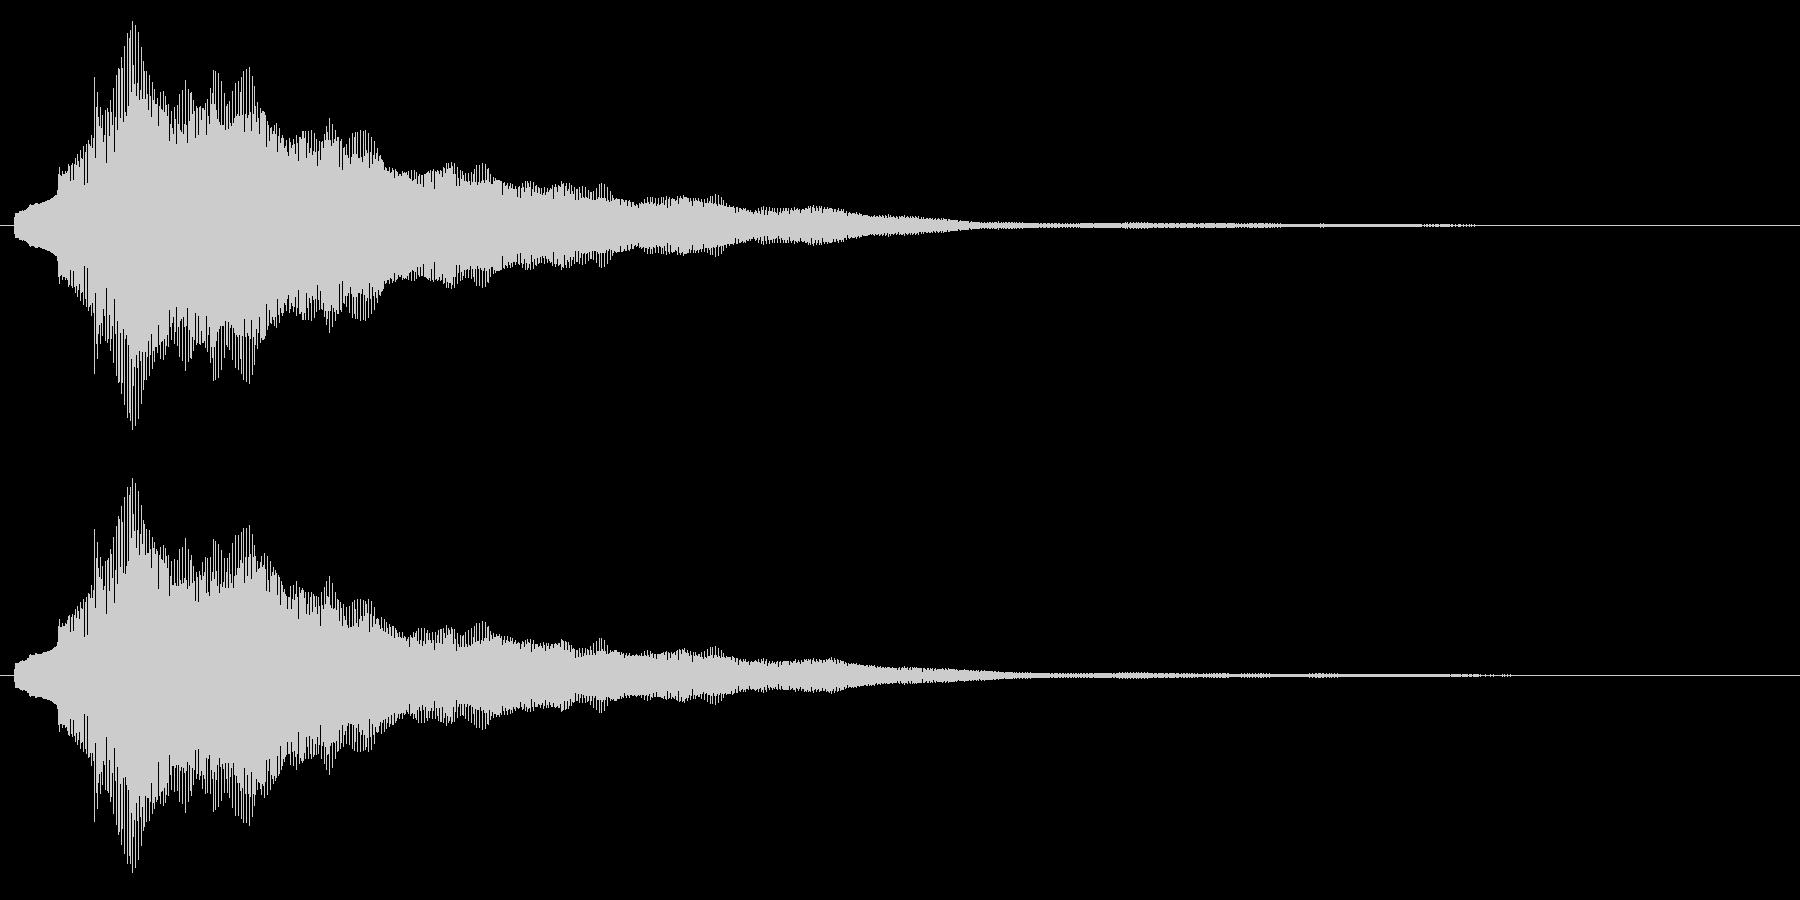 【アクセント】綺麗な決定音(長)の未再生の波形